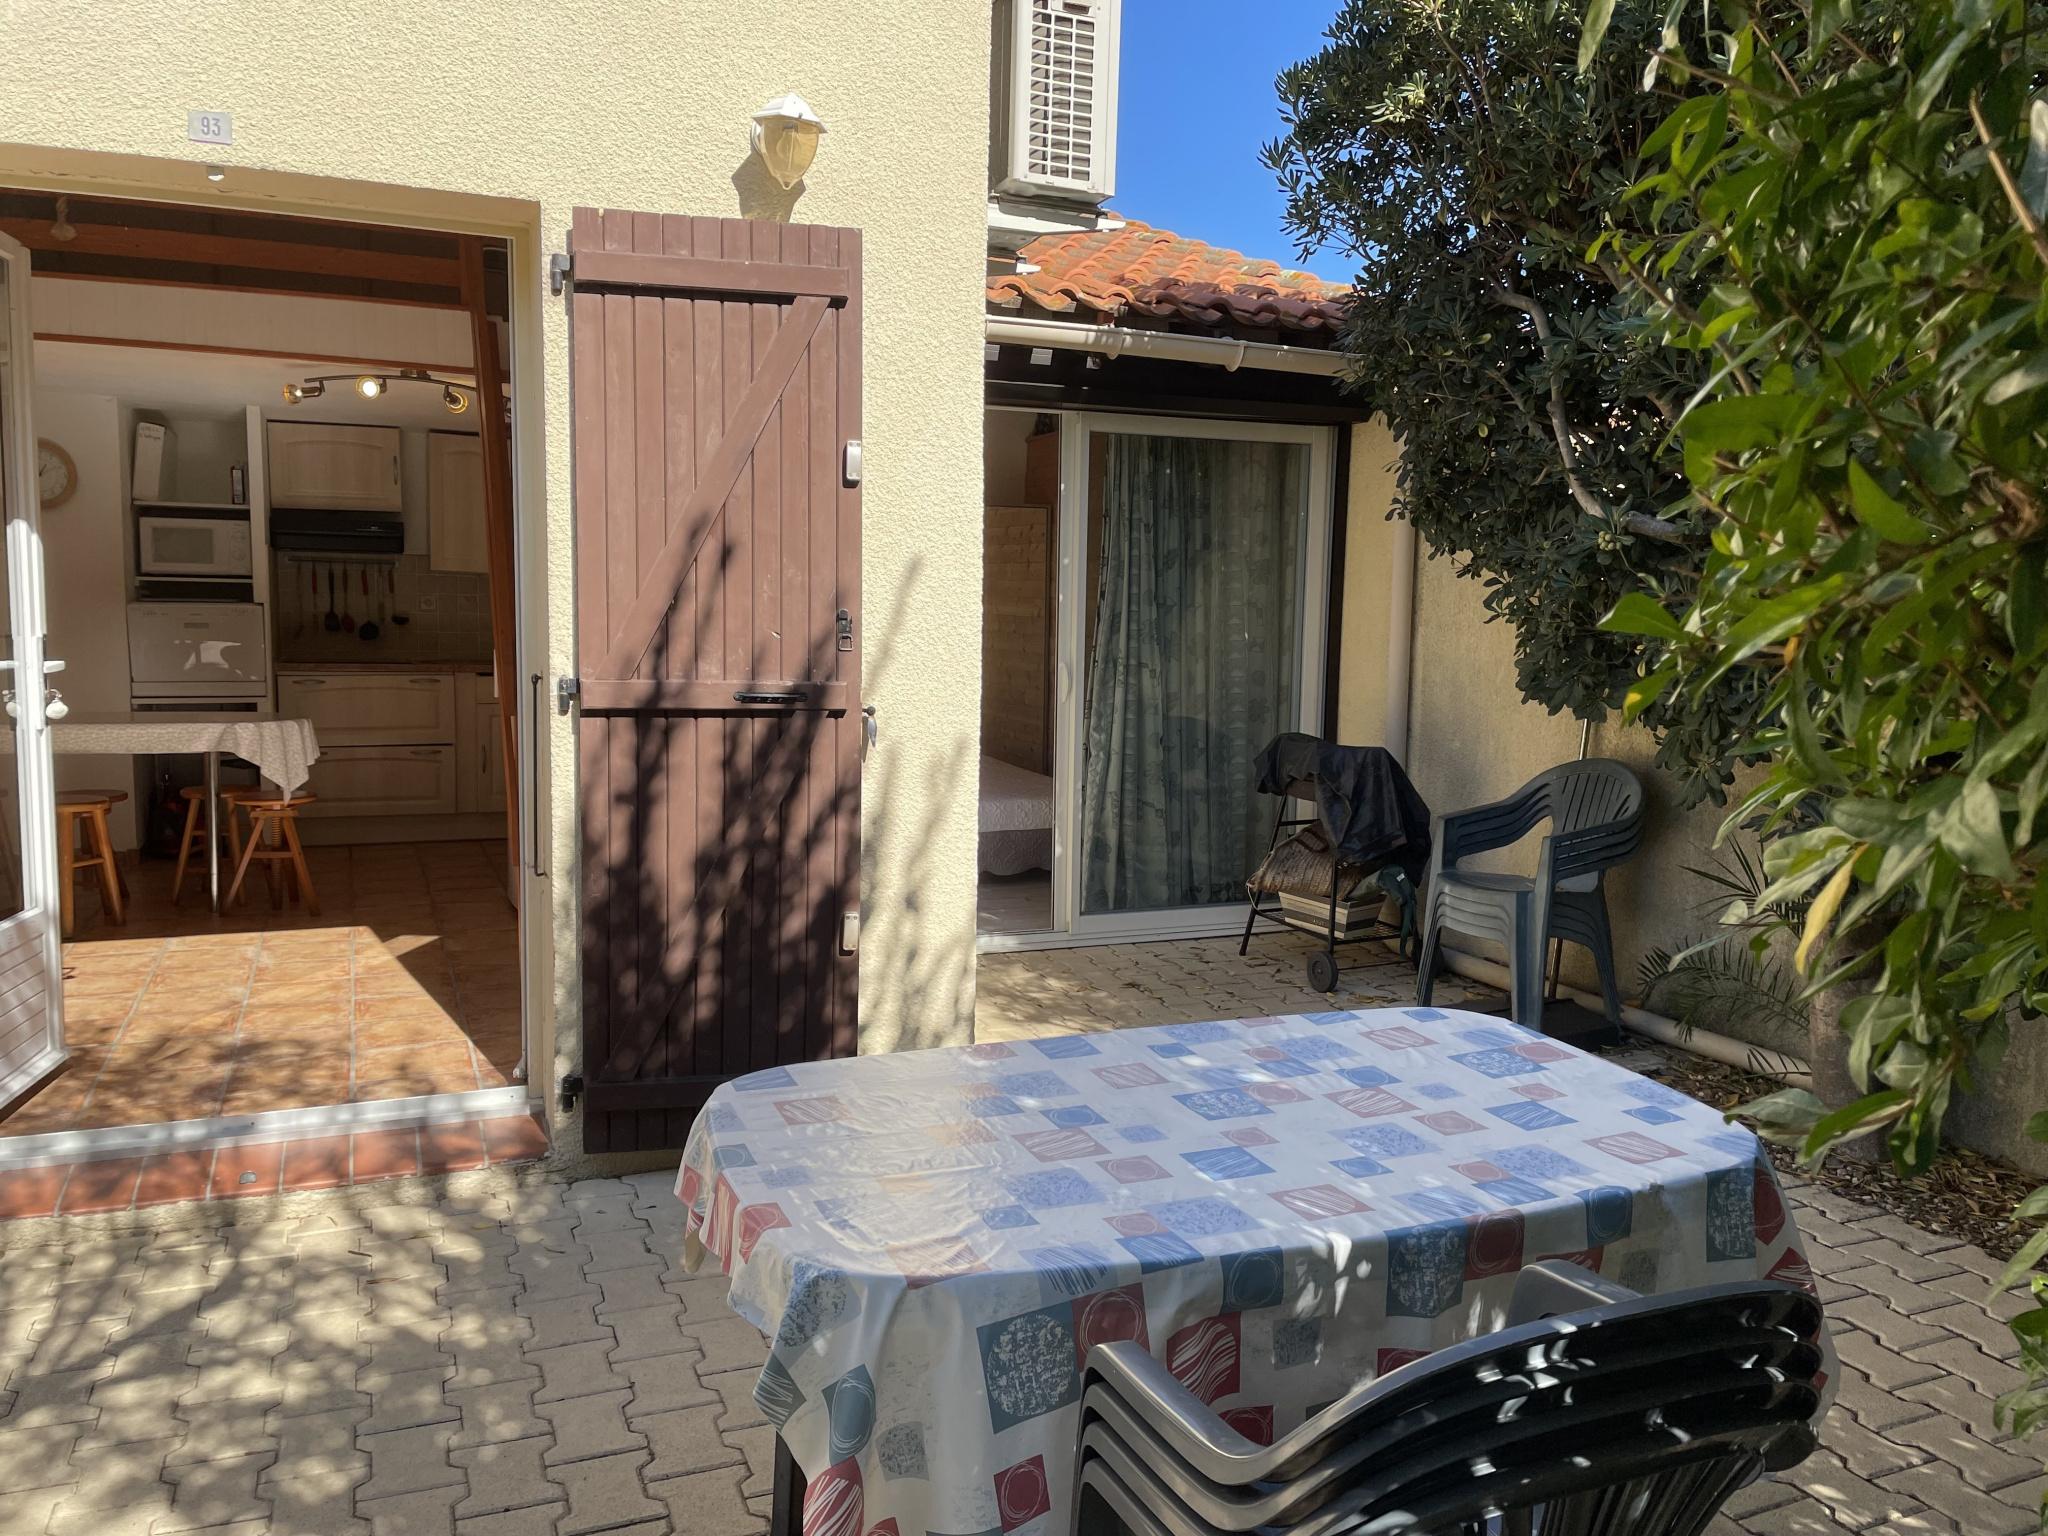 À vendre maison/villa de 44m2 à argeles plage (66700) - Photo 0'